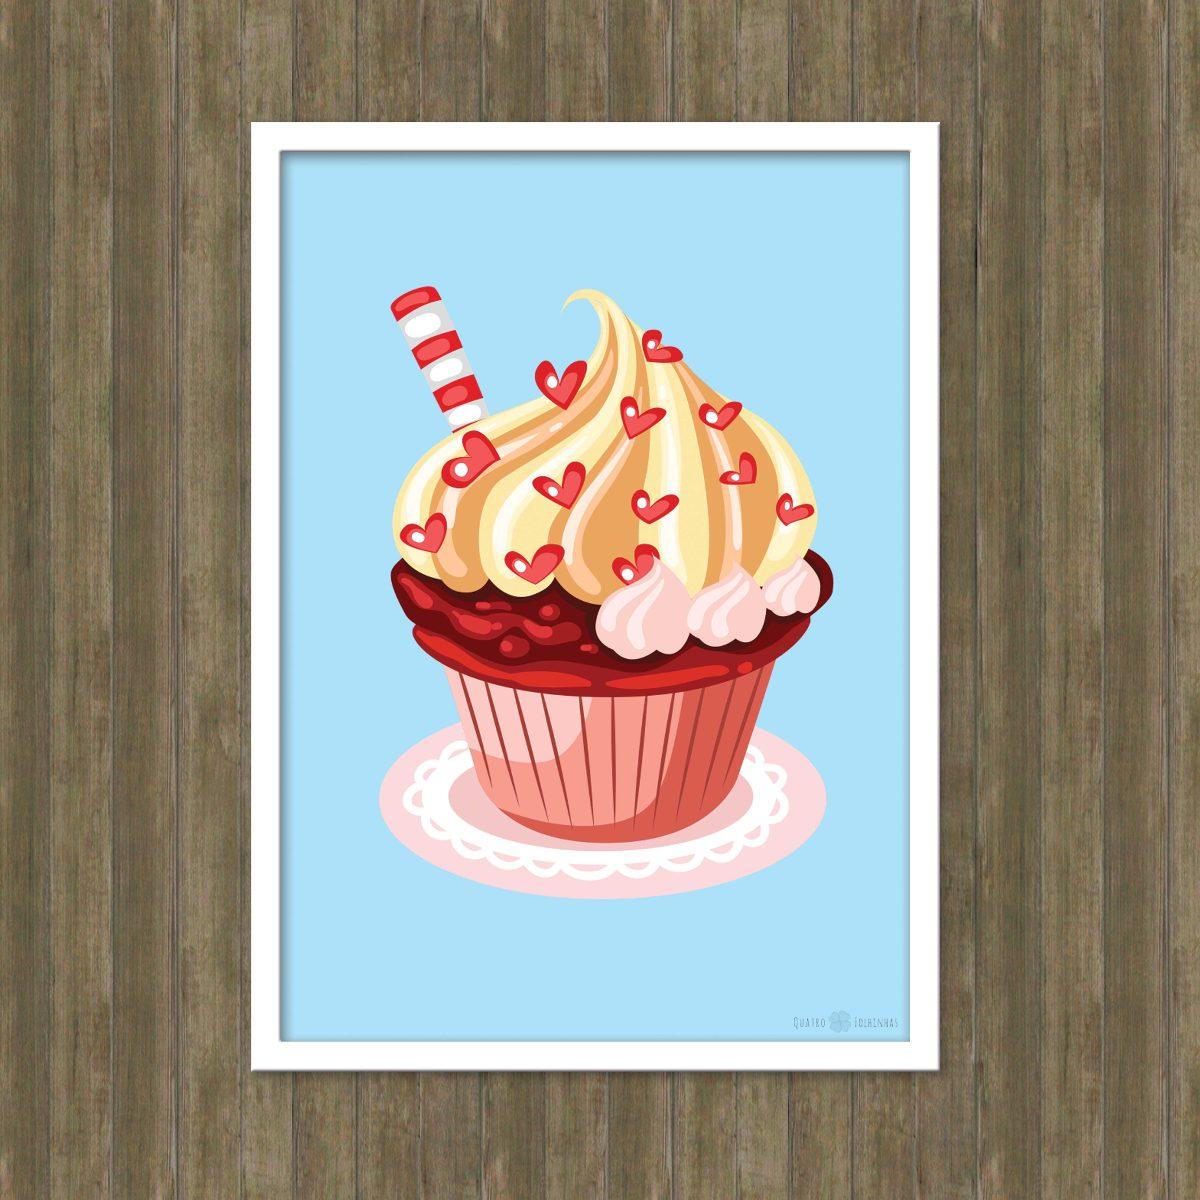 poster cupcake pdf arte digital imprimir a4 r 25 00 em mercado livre